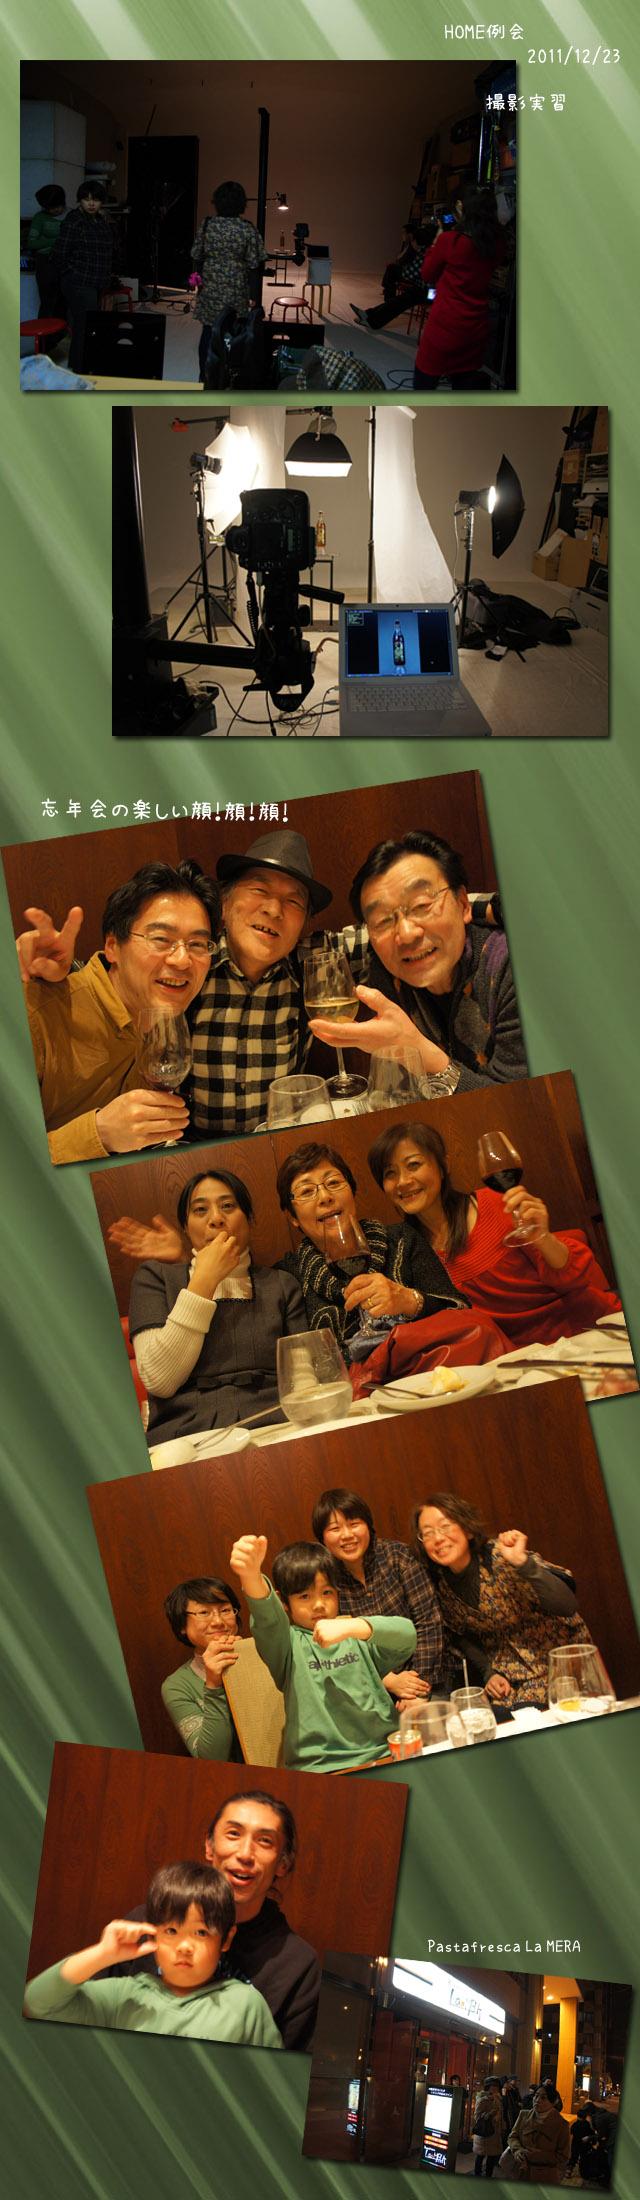 HOME例会&忘年会_c0206285_1582383.jpg